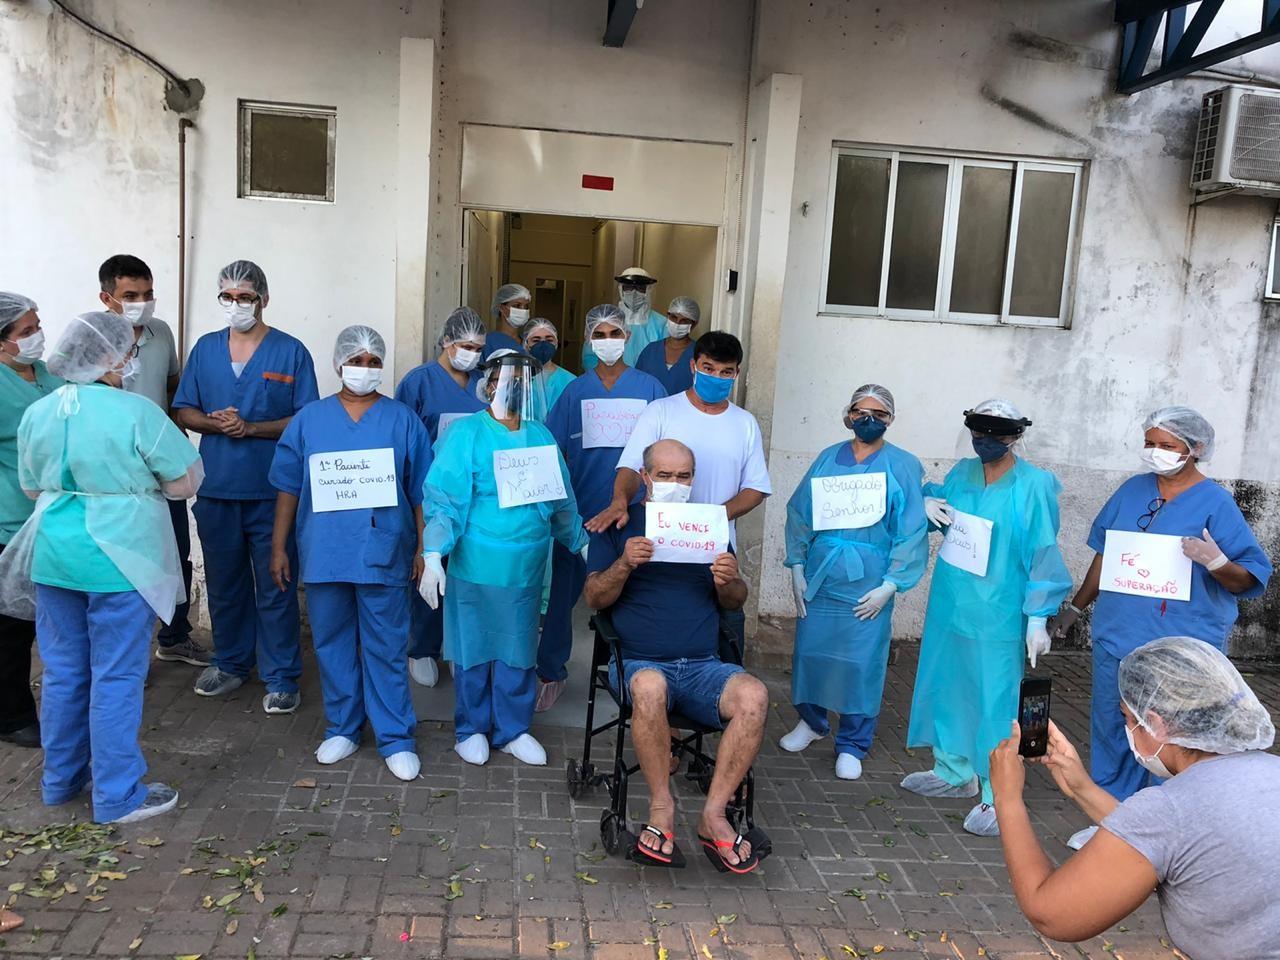 Paciente com Covid-19 que chegou a ficar entubado recebe alta e comemora: 'Eu venci'